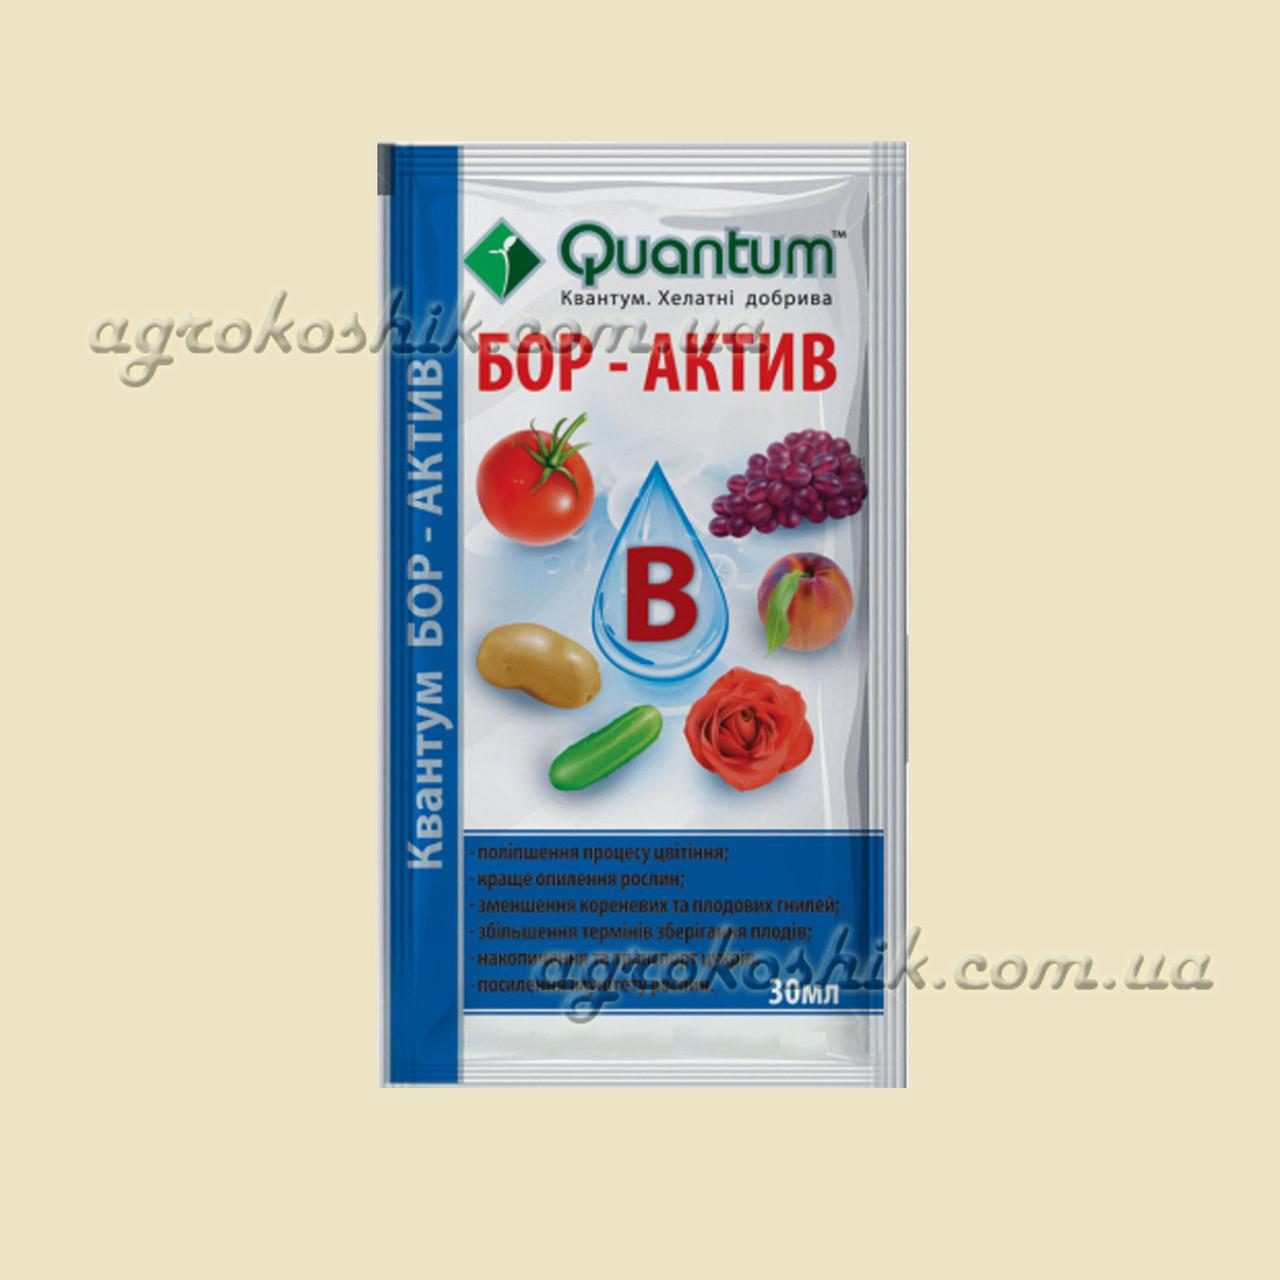 Бор-Актив (quantum) 30 мл